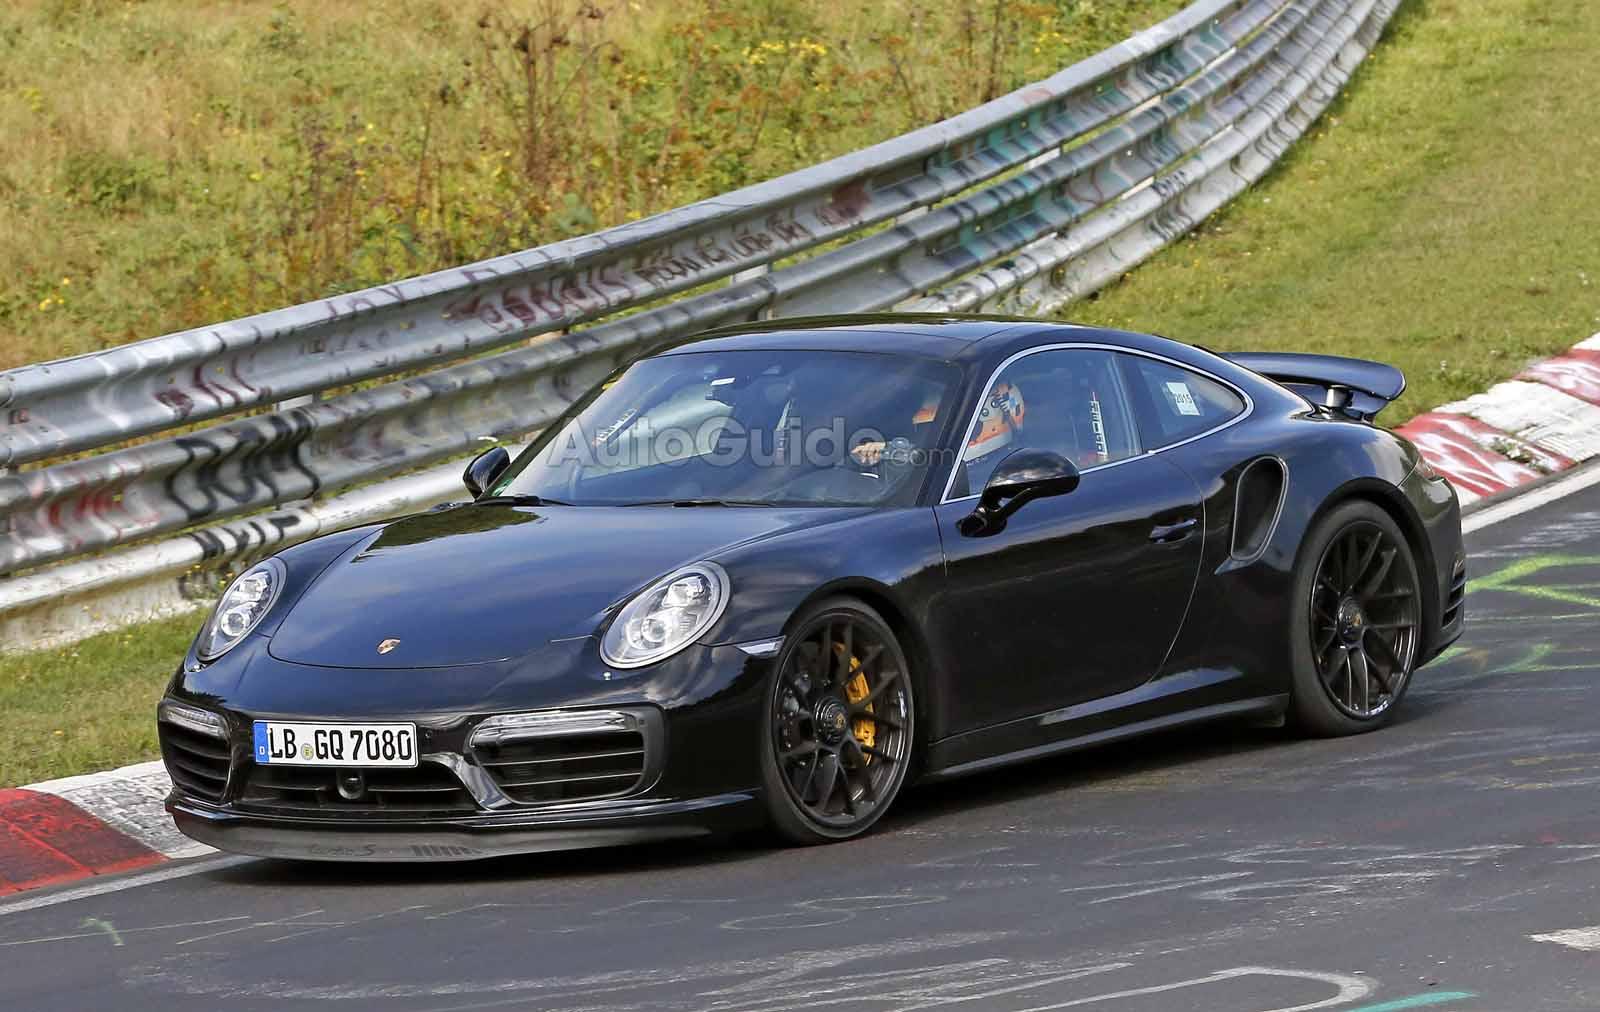 porsche 911 turbo s spy photo 9 - Porsche 911 Turbo S